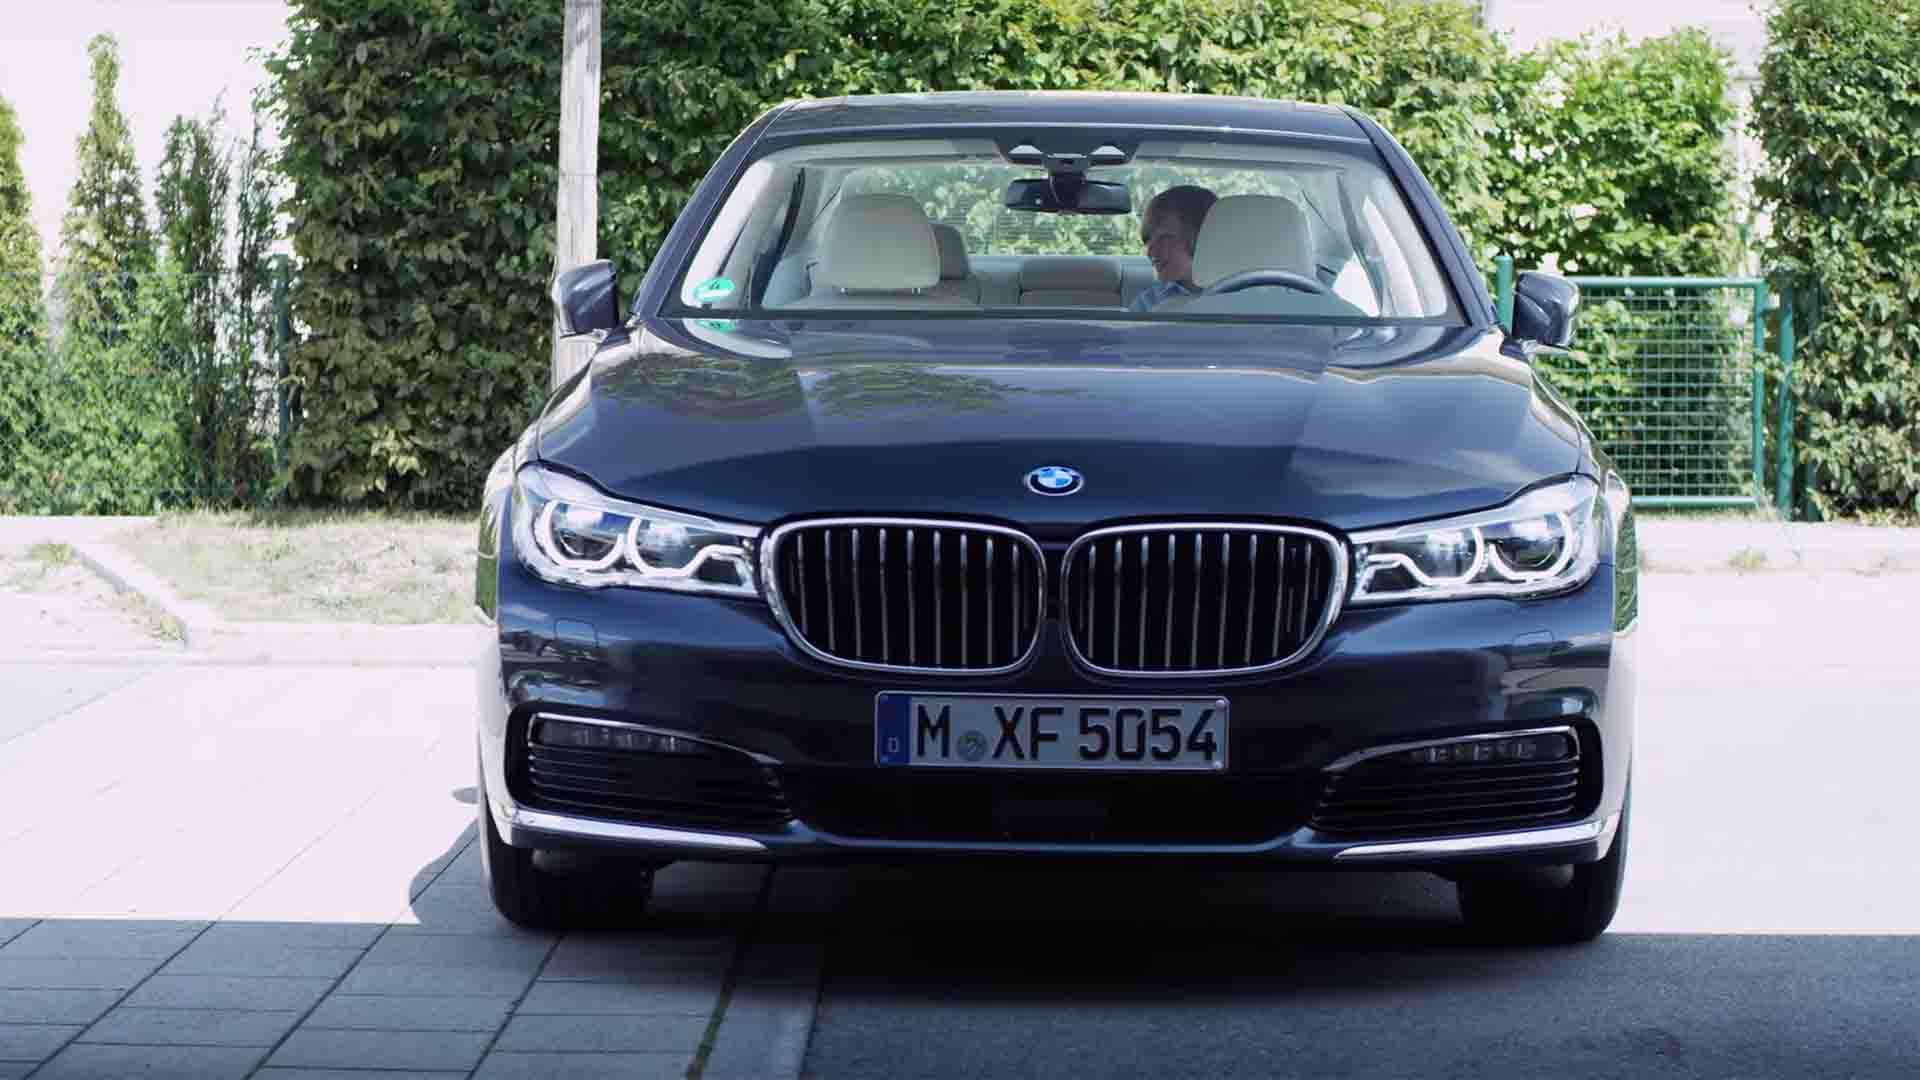 Das Bild zeigt einen blauen BMW. Dieser steht geparkt auf einer Straße. Dahinter sind Büsche zu erkennen. Das Bild dient als Sliderbild für den Portfolioeintrag BMW Connected Drive Rivalitätskampf von Panda Pictures.